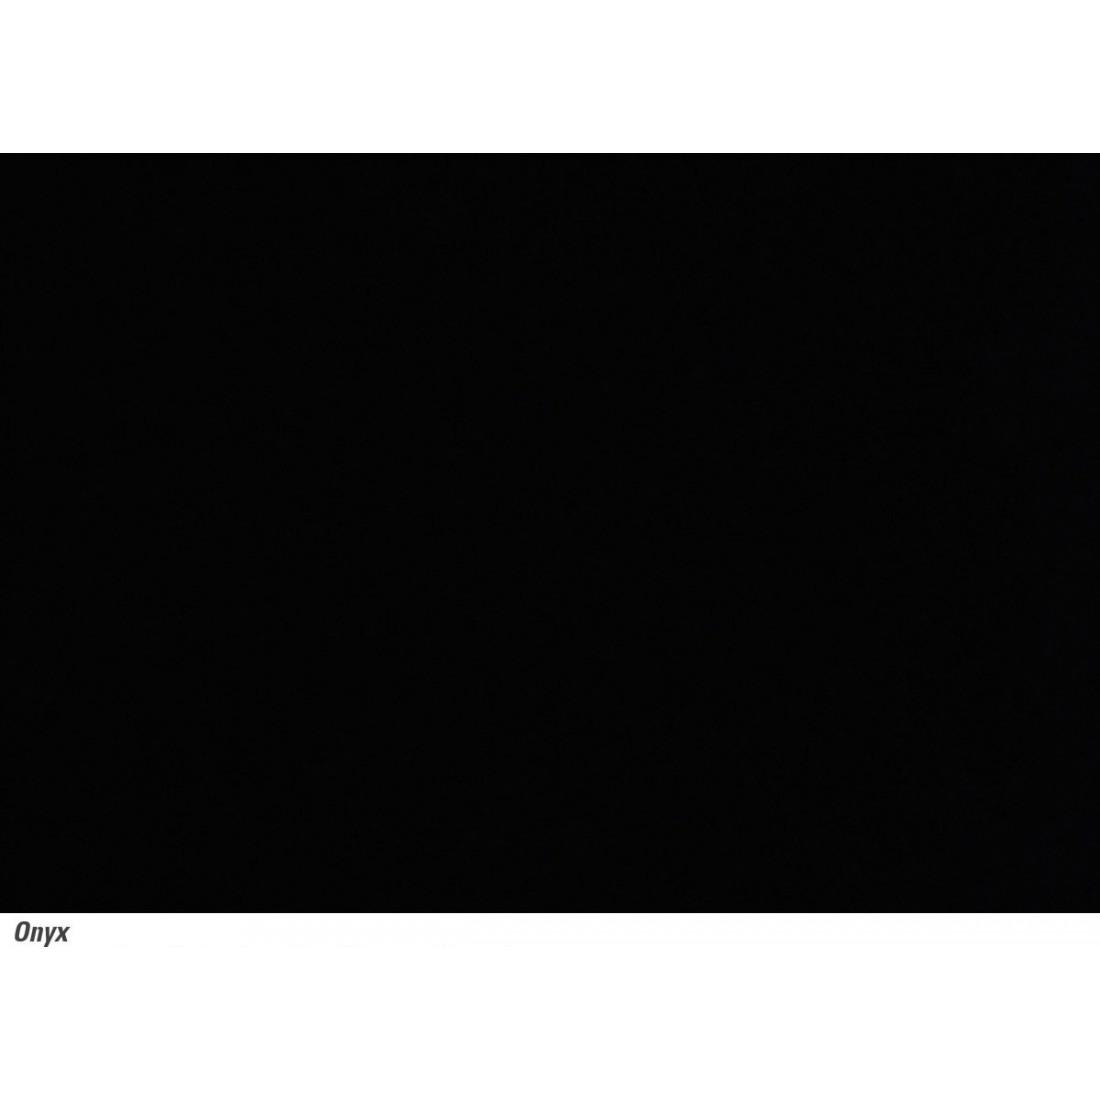 Keraminė plautuvė Franke Mythos, MTK 611-78, Onyx, dubuo kairėje, 2 išgręžtos skylės